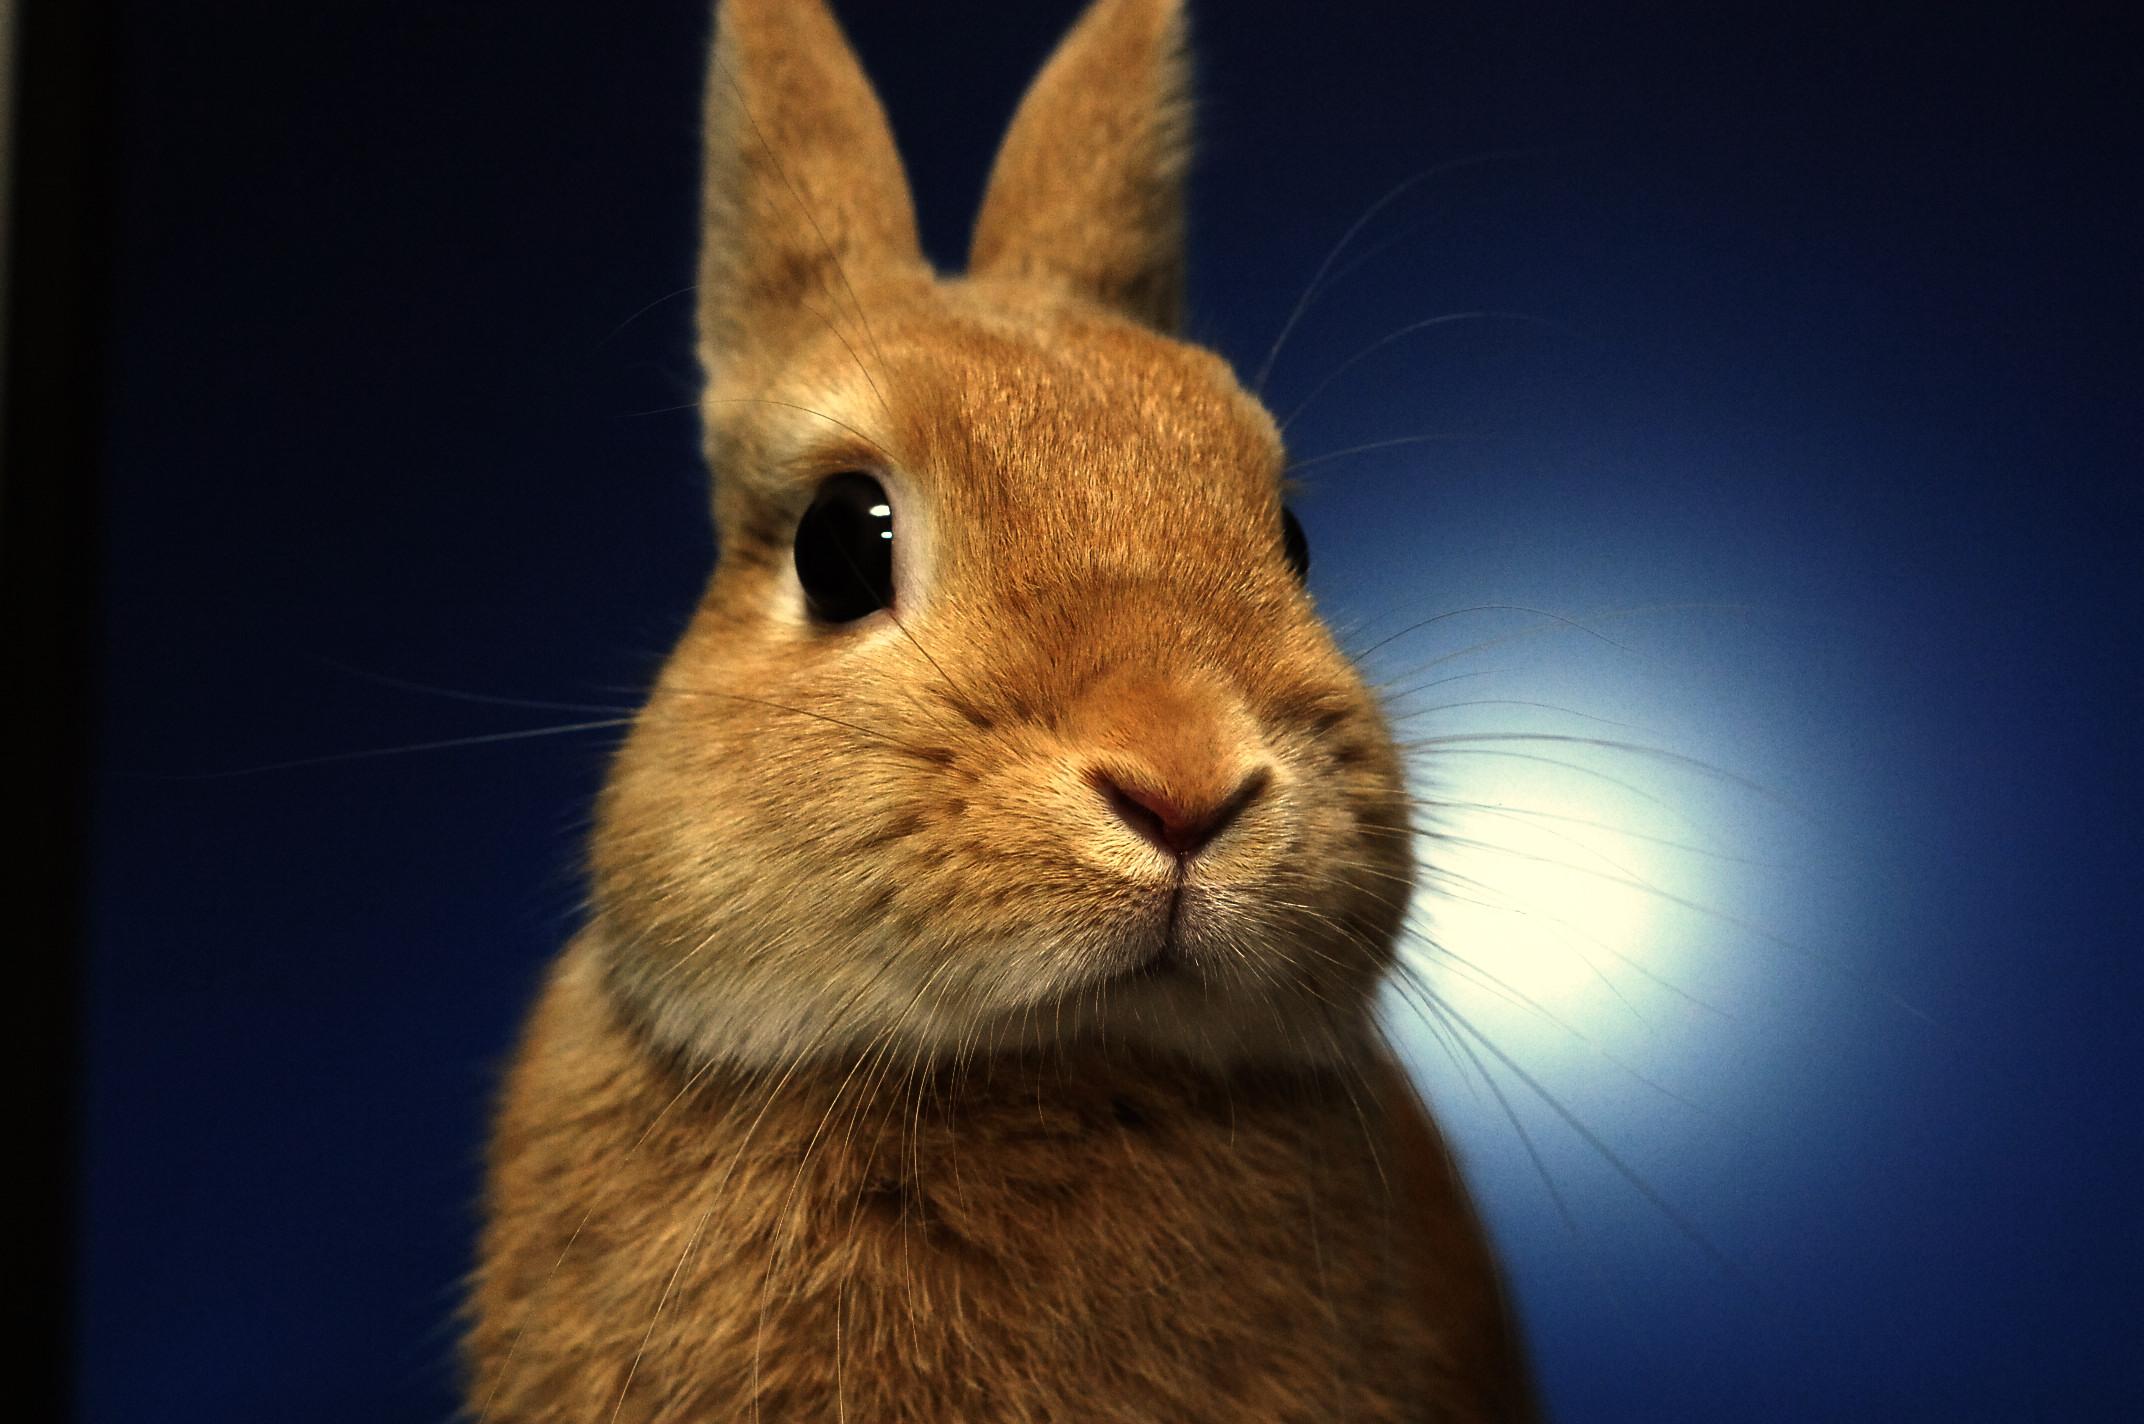 出典:https://commons.wikimedia.org/wiki/File:Netherlands_dwarf_rabbit.jpg?uselang=ja